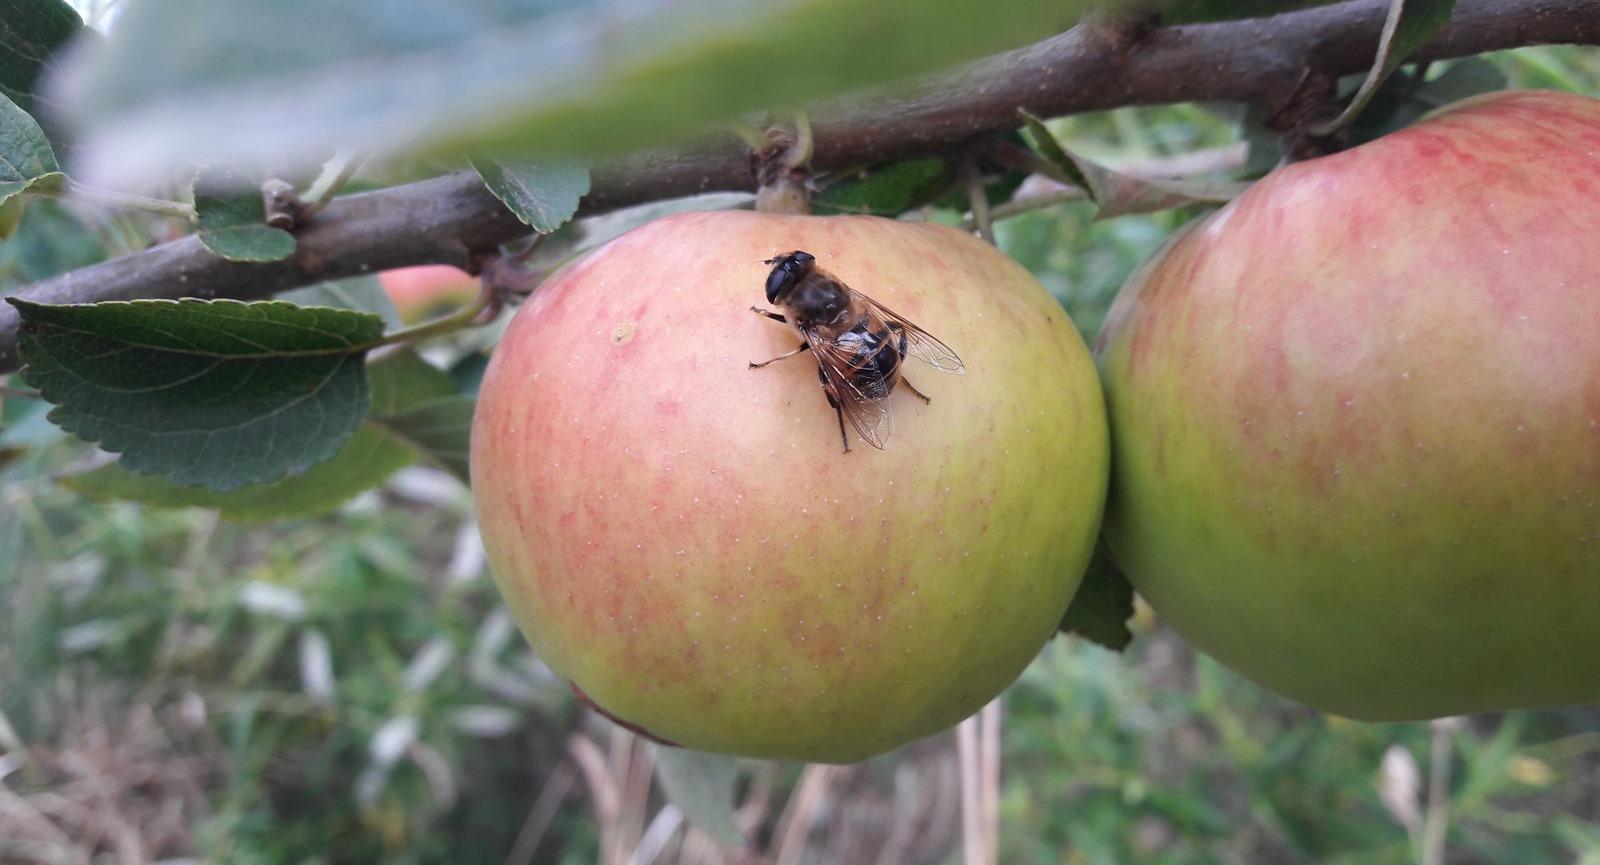 kahikatea-farm-food-forest-bee-on-apple